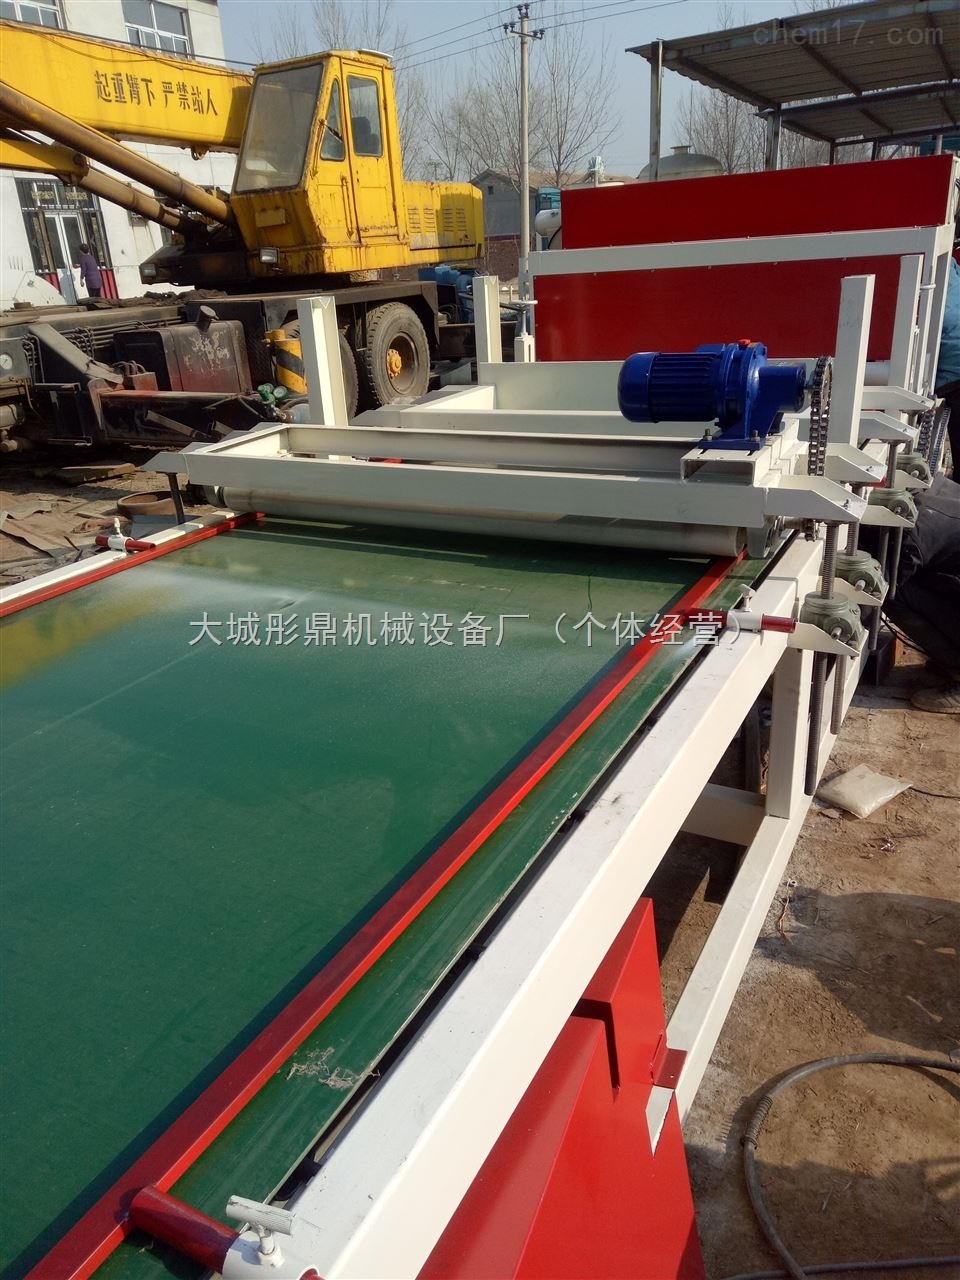 彩钢岩棉砂浆复合板设备适用范围及价格厂家